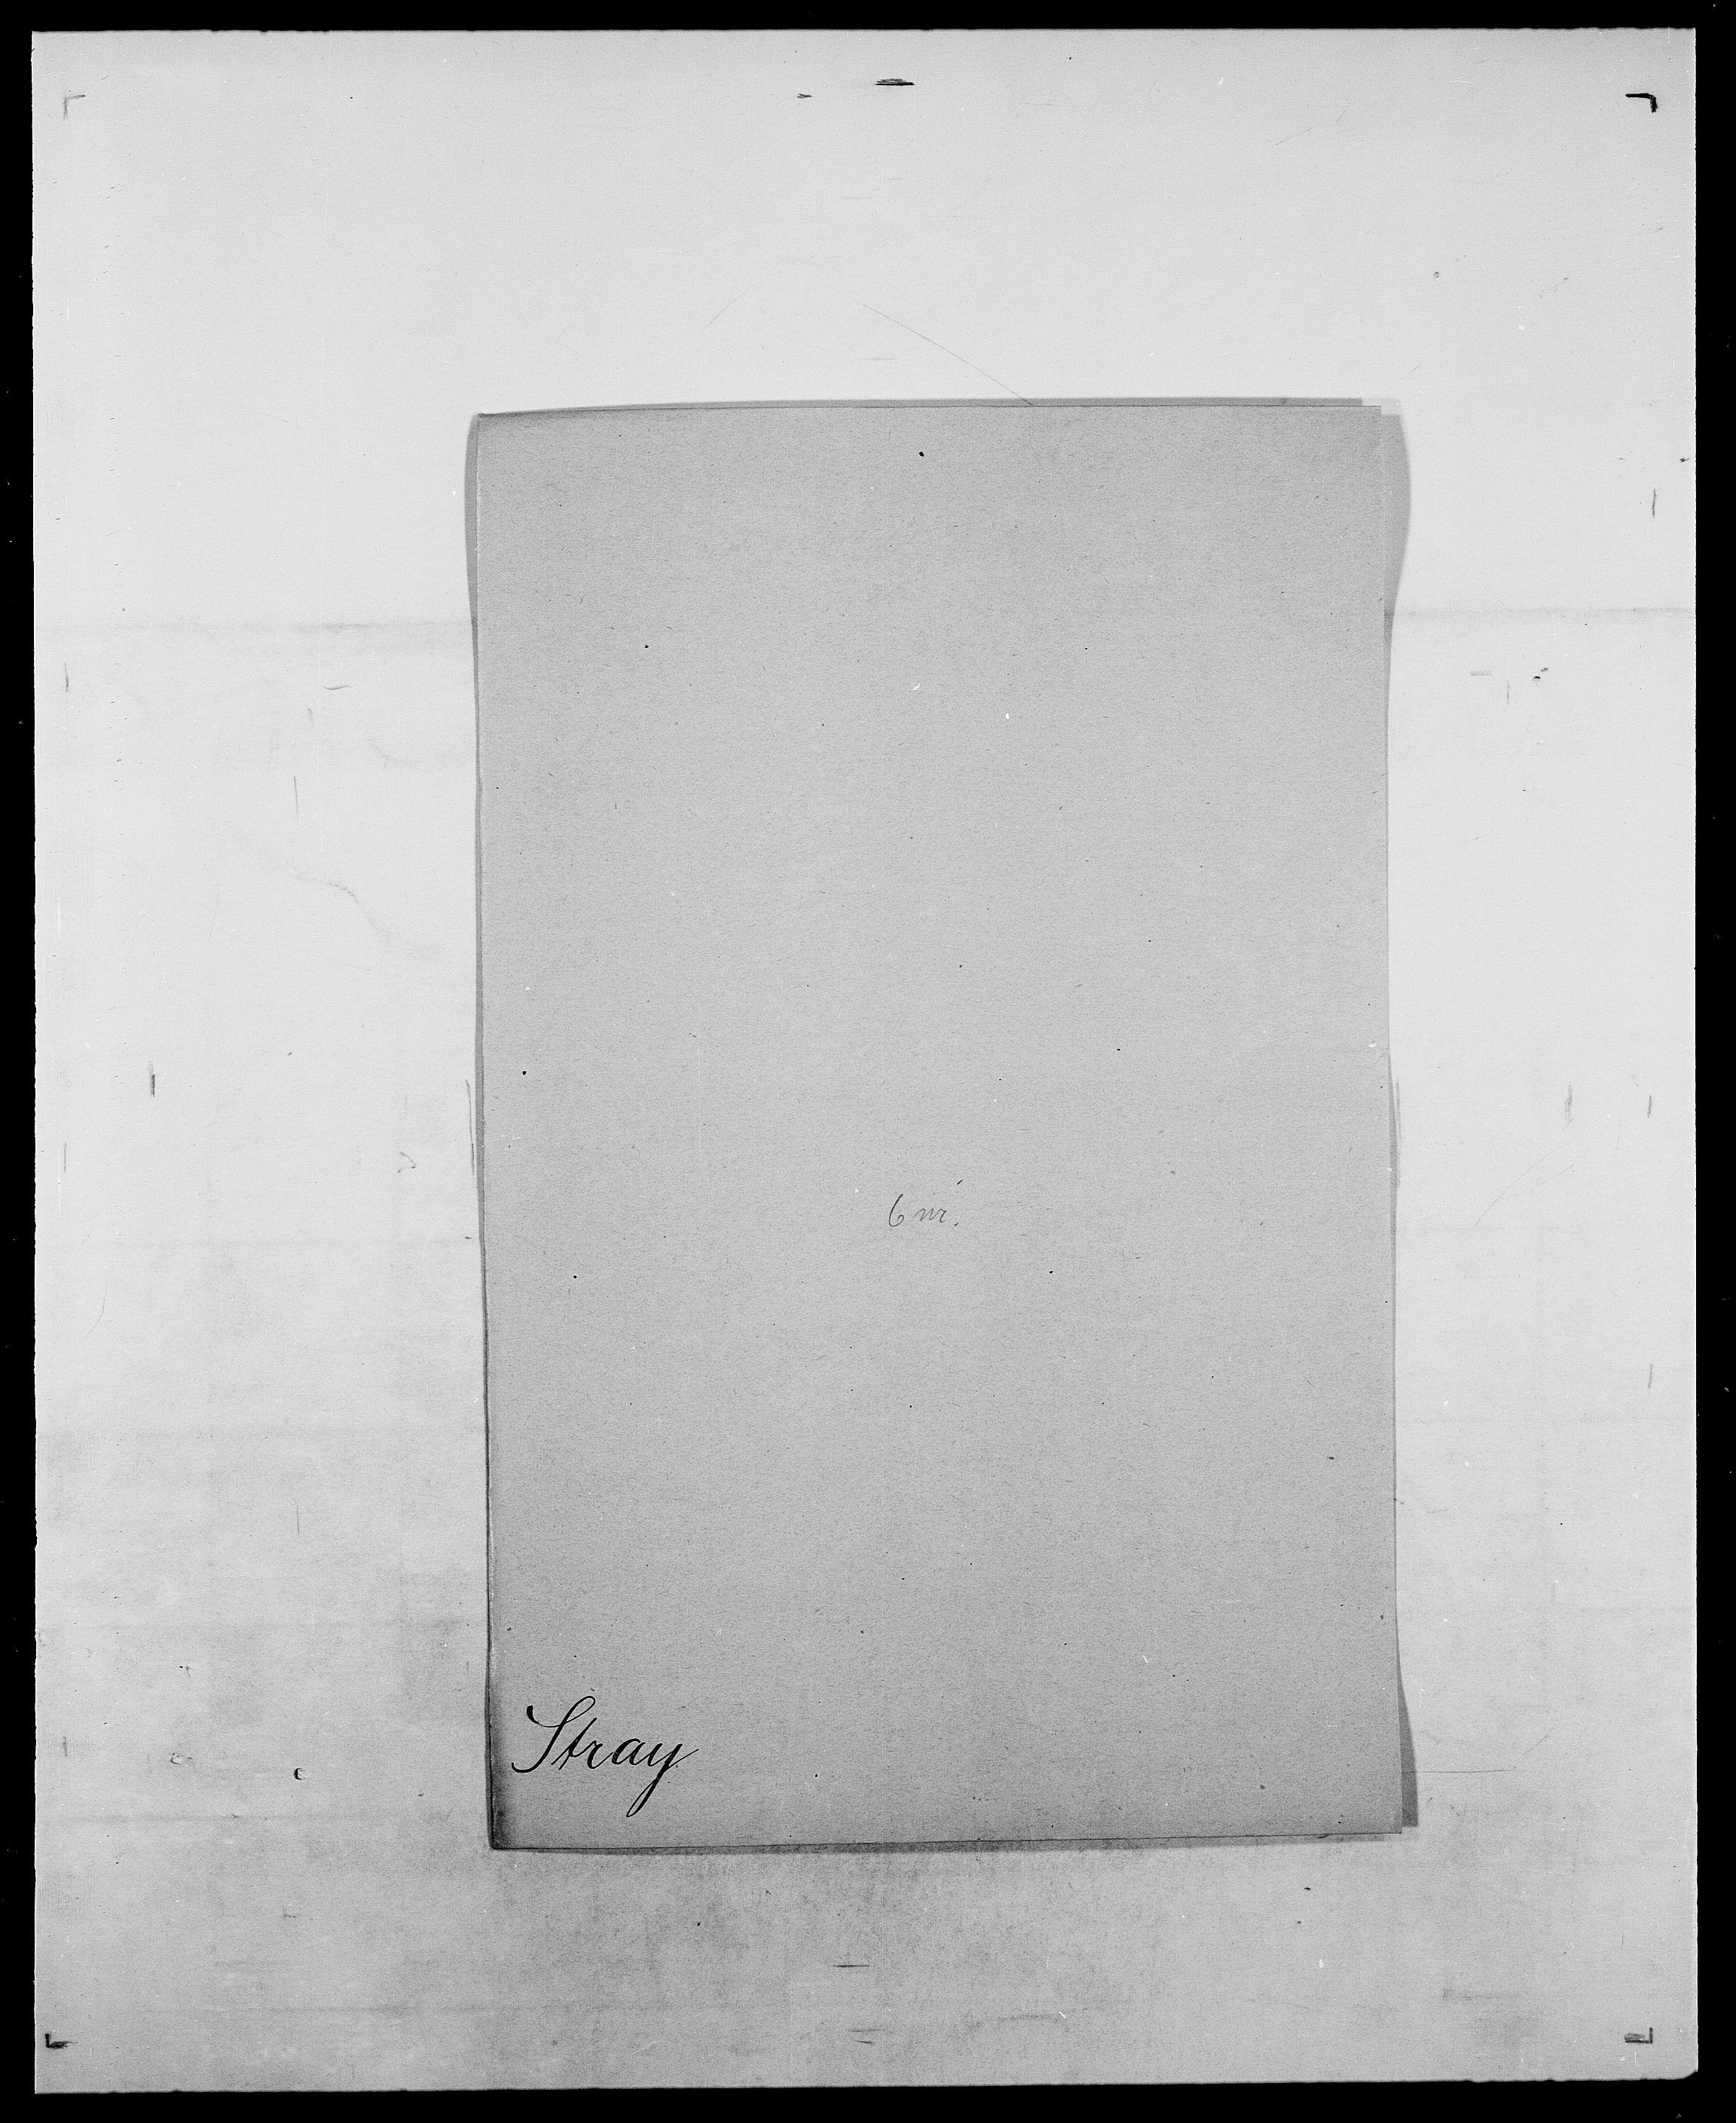 SAO, Delgobe, Charles Antoine - samling, D/Da/L0037: Steen, Sthen, Stein - Svare, Svanige, Svanne, se også Svanning og Schwane, s. 587